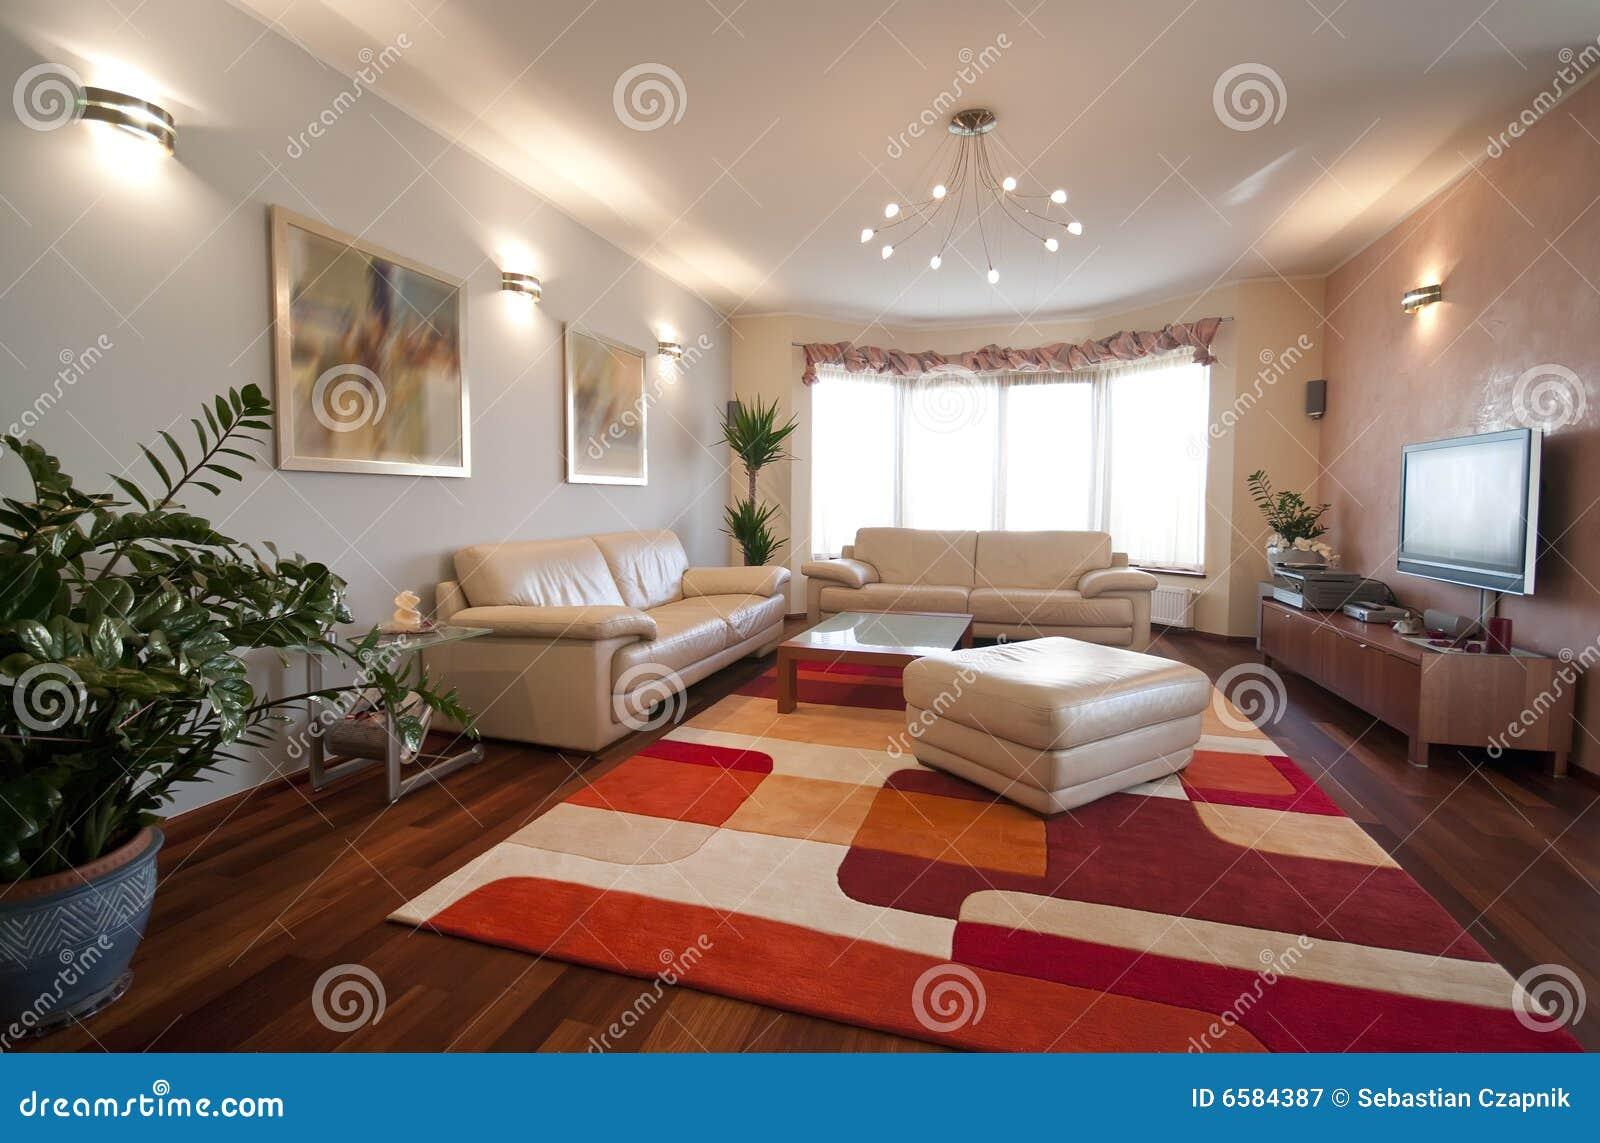 Mur moderne vivant intérieur de salle tv daffichage à cristaux liquides de maison plate confortable